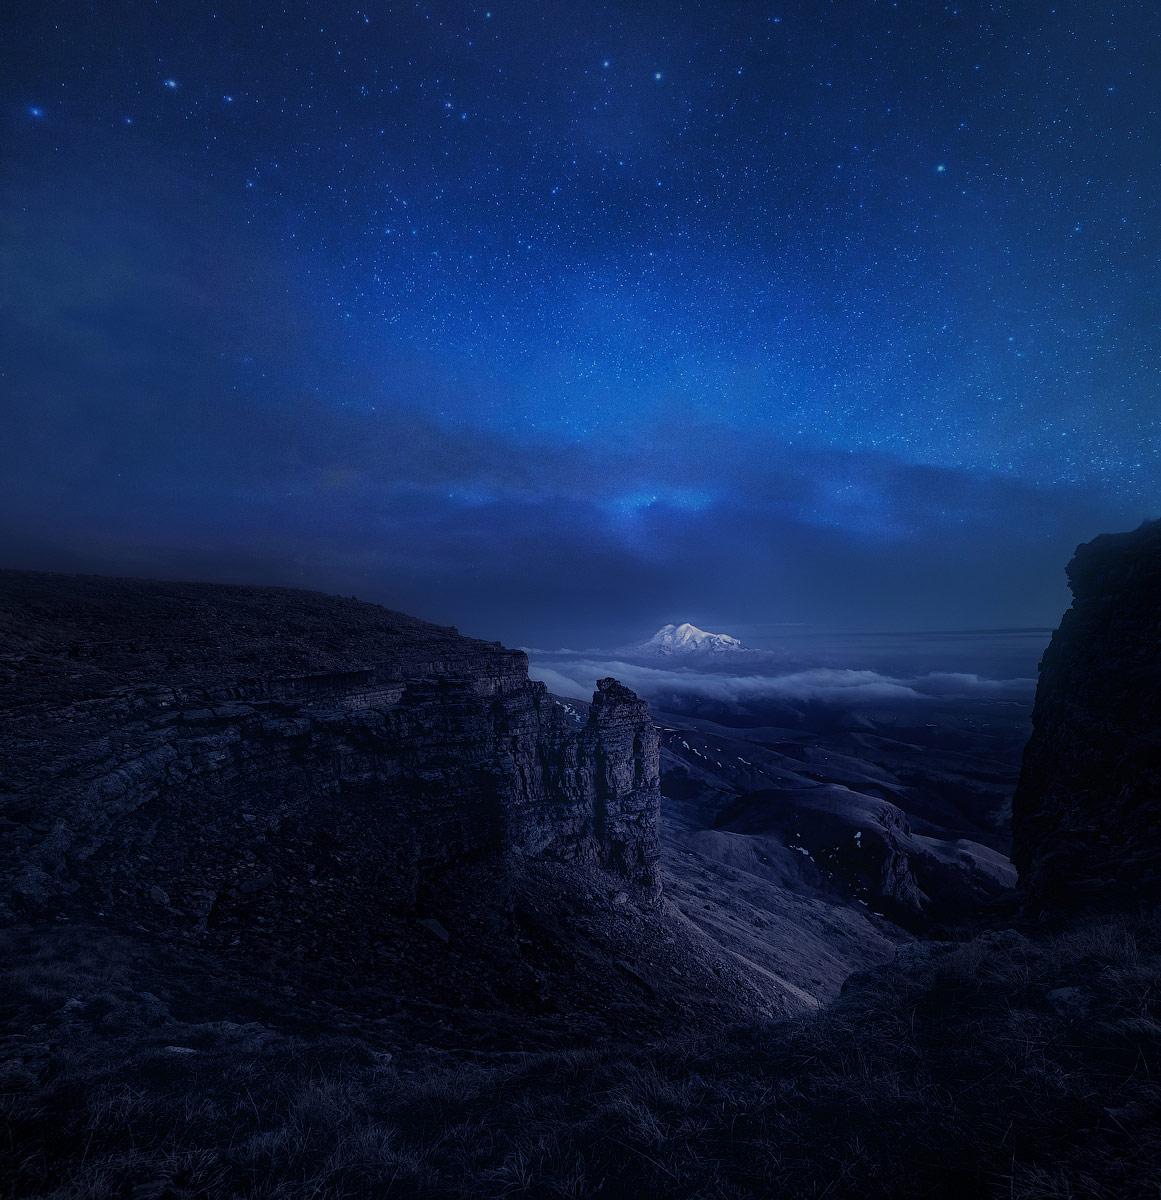 Спящий под светом луны седой Эльбрус, © Сергей Сутковой, 1-е место в номинации «От заката до рассвета», Фотоконкурс «Дикая природа России» от National Geographic